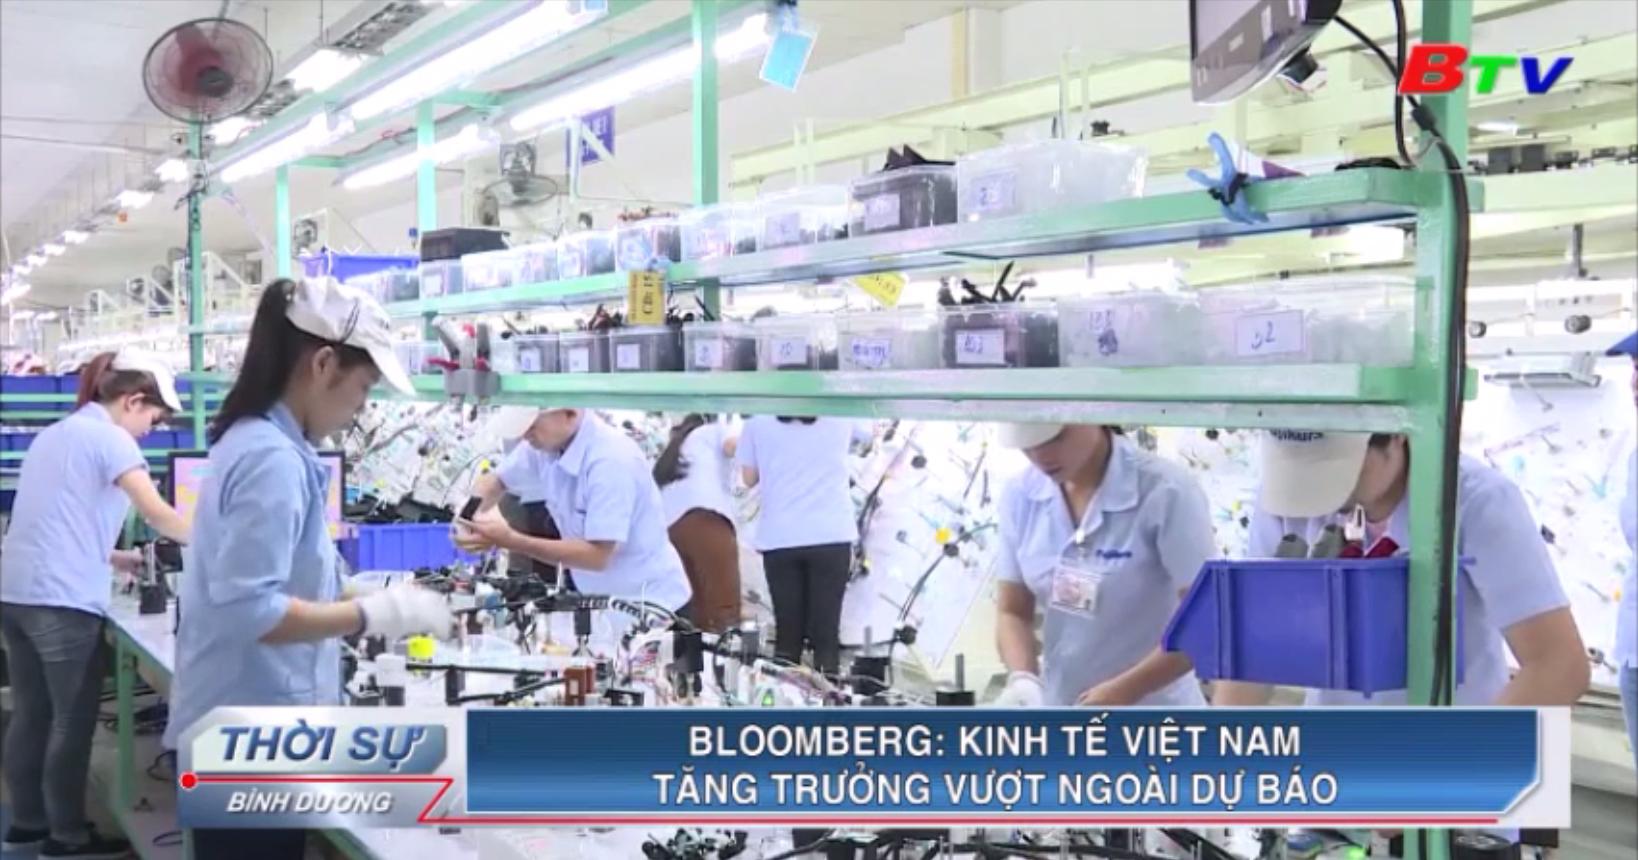 Bloomberg - Kinh tế Việt Nam tăng trưởng vượt ngoài dự báo